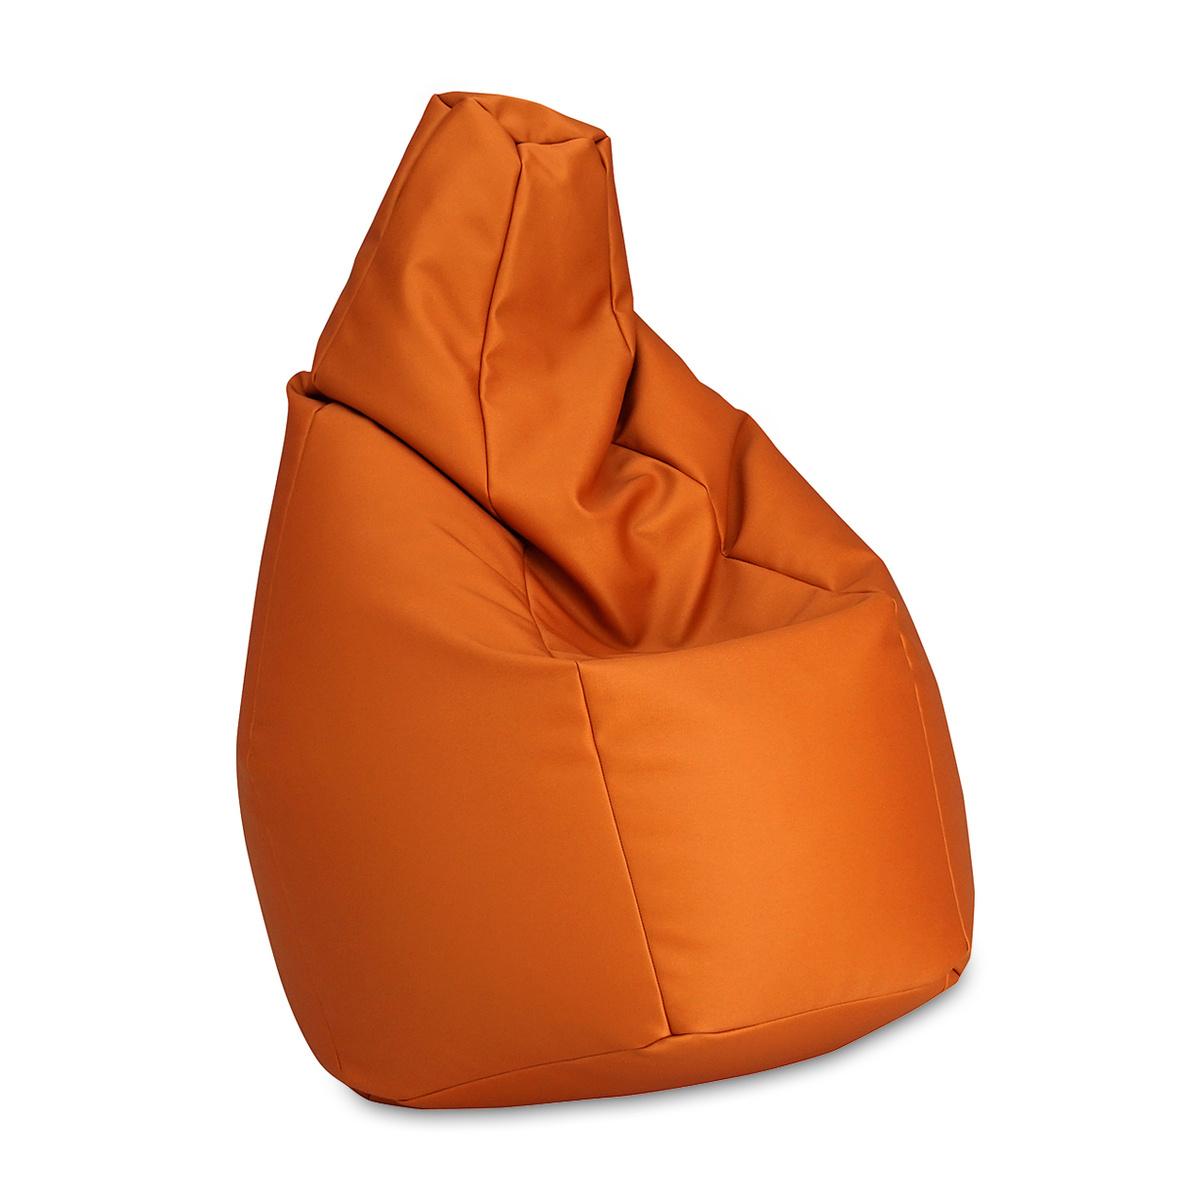 Pouf Zanotta.Poltrona Sacco Zanotta Pouf Poltrona Sacco Ikea